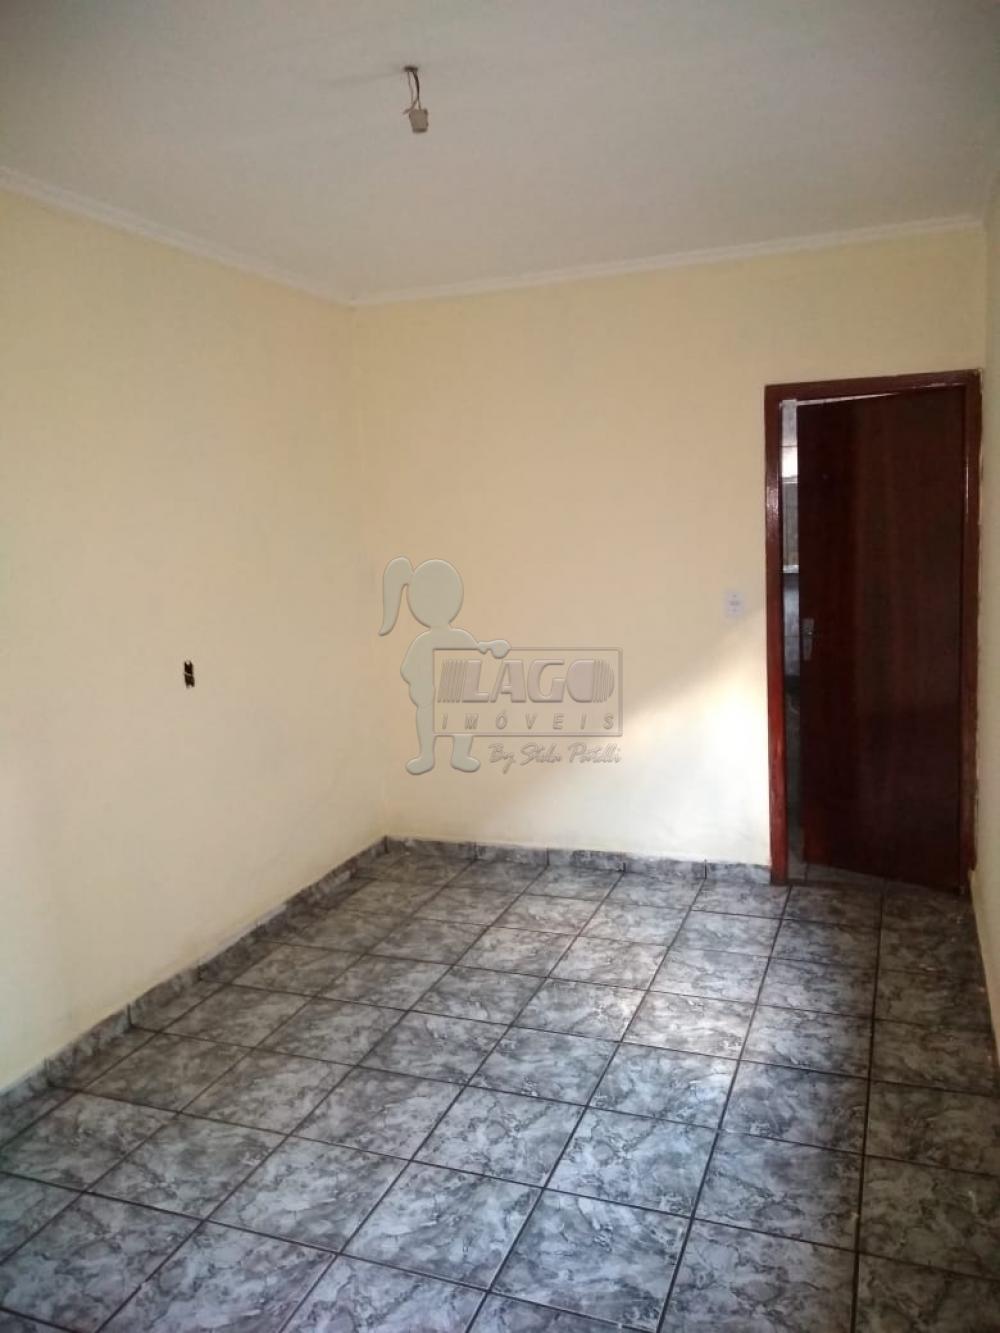 Alugar Casas / Padrão em Ribeirão Preto apenas R$ 1.100,00 - Foto 15